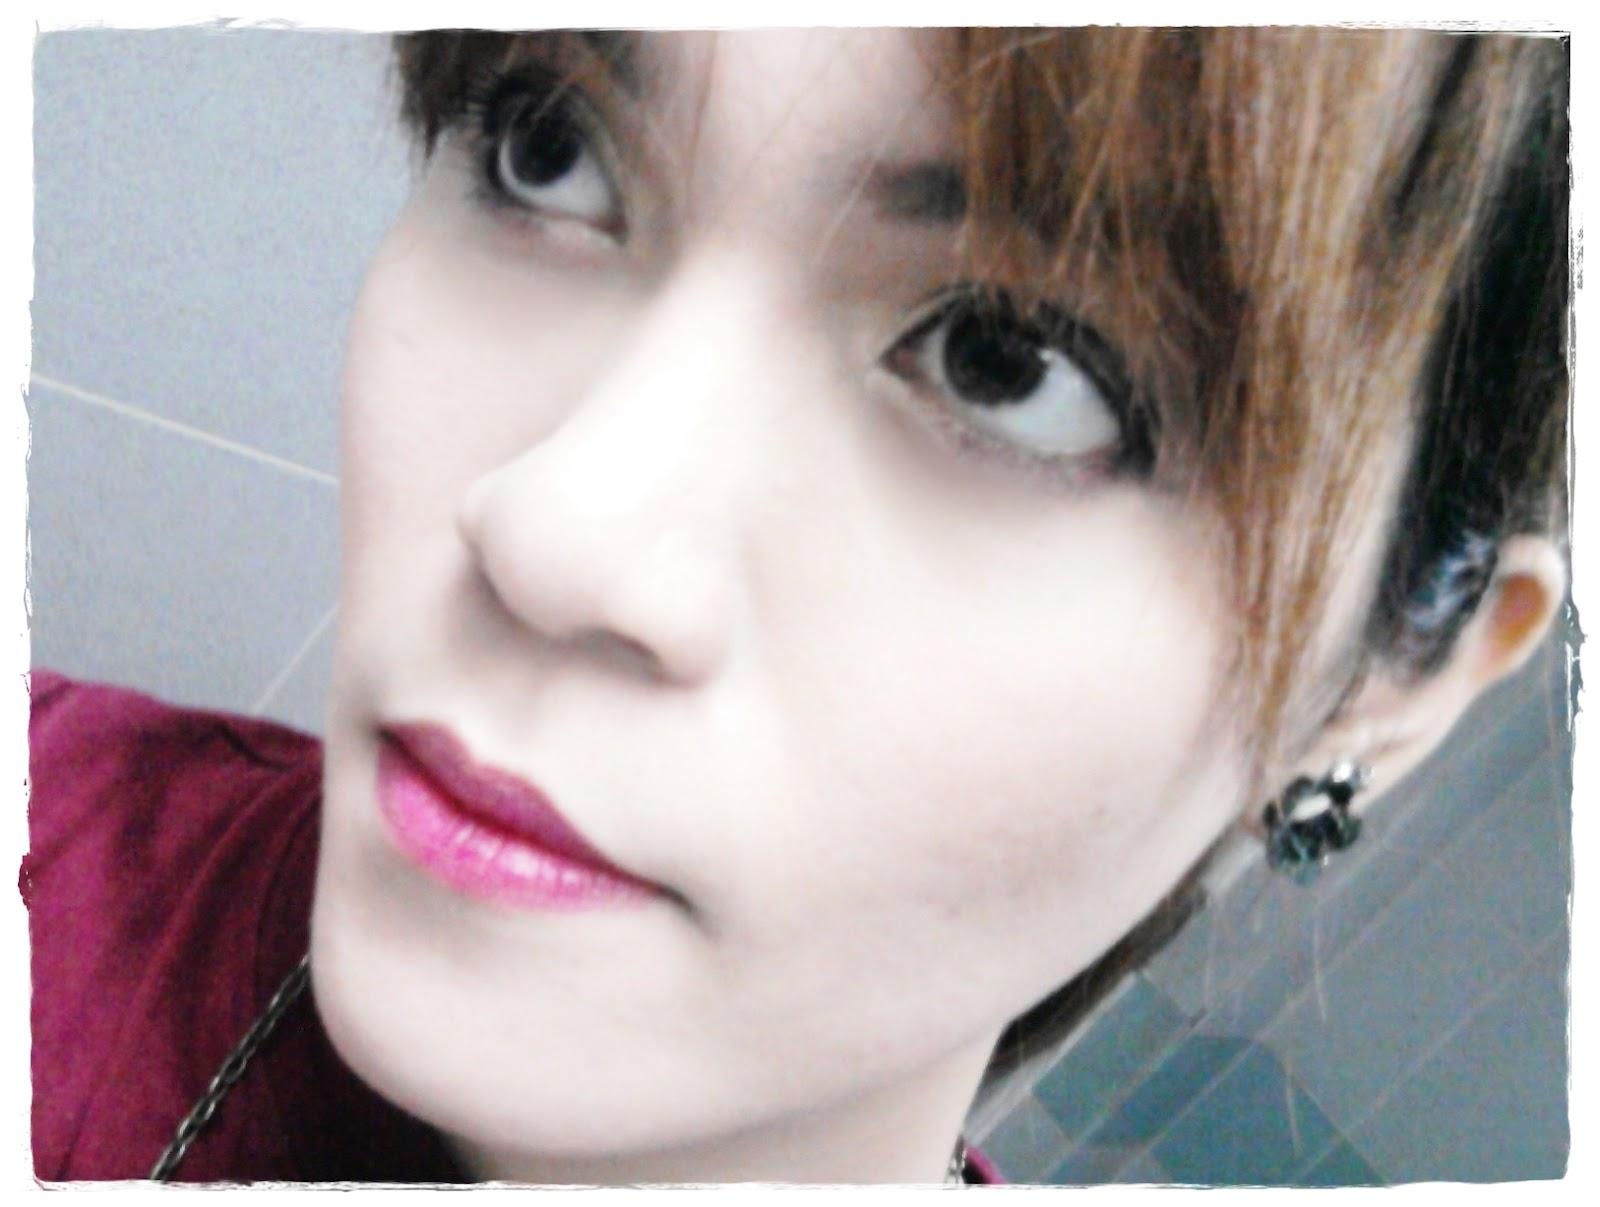 http://2.bp.blogspot.com/-4xPTxHDo8Dg/T7Lyl4S4_hI/AAAAAAAAAuU/zcWksYEyyhI/s1600/plumlips1.jpg